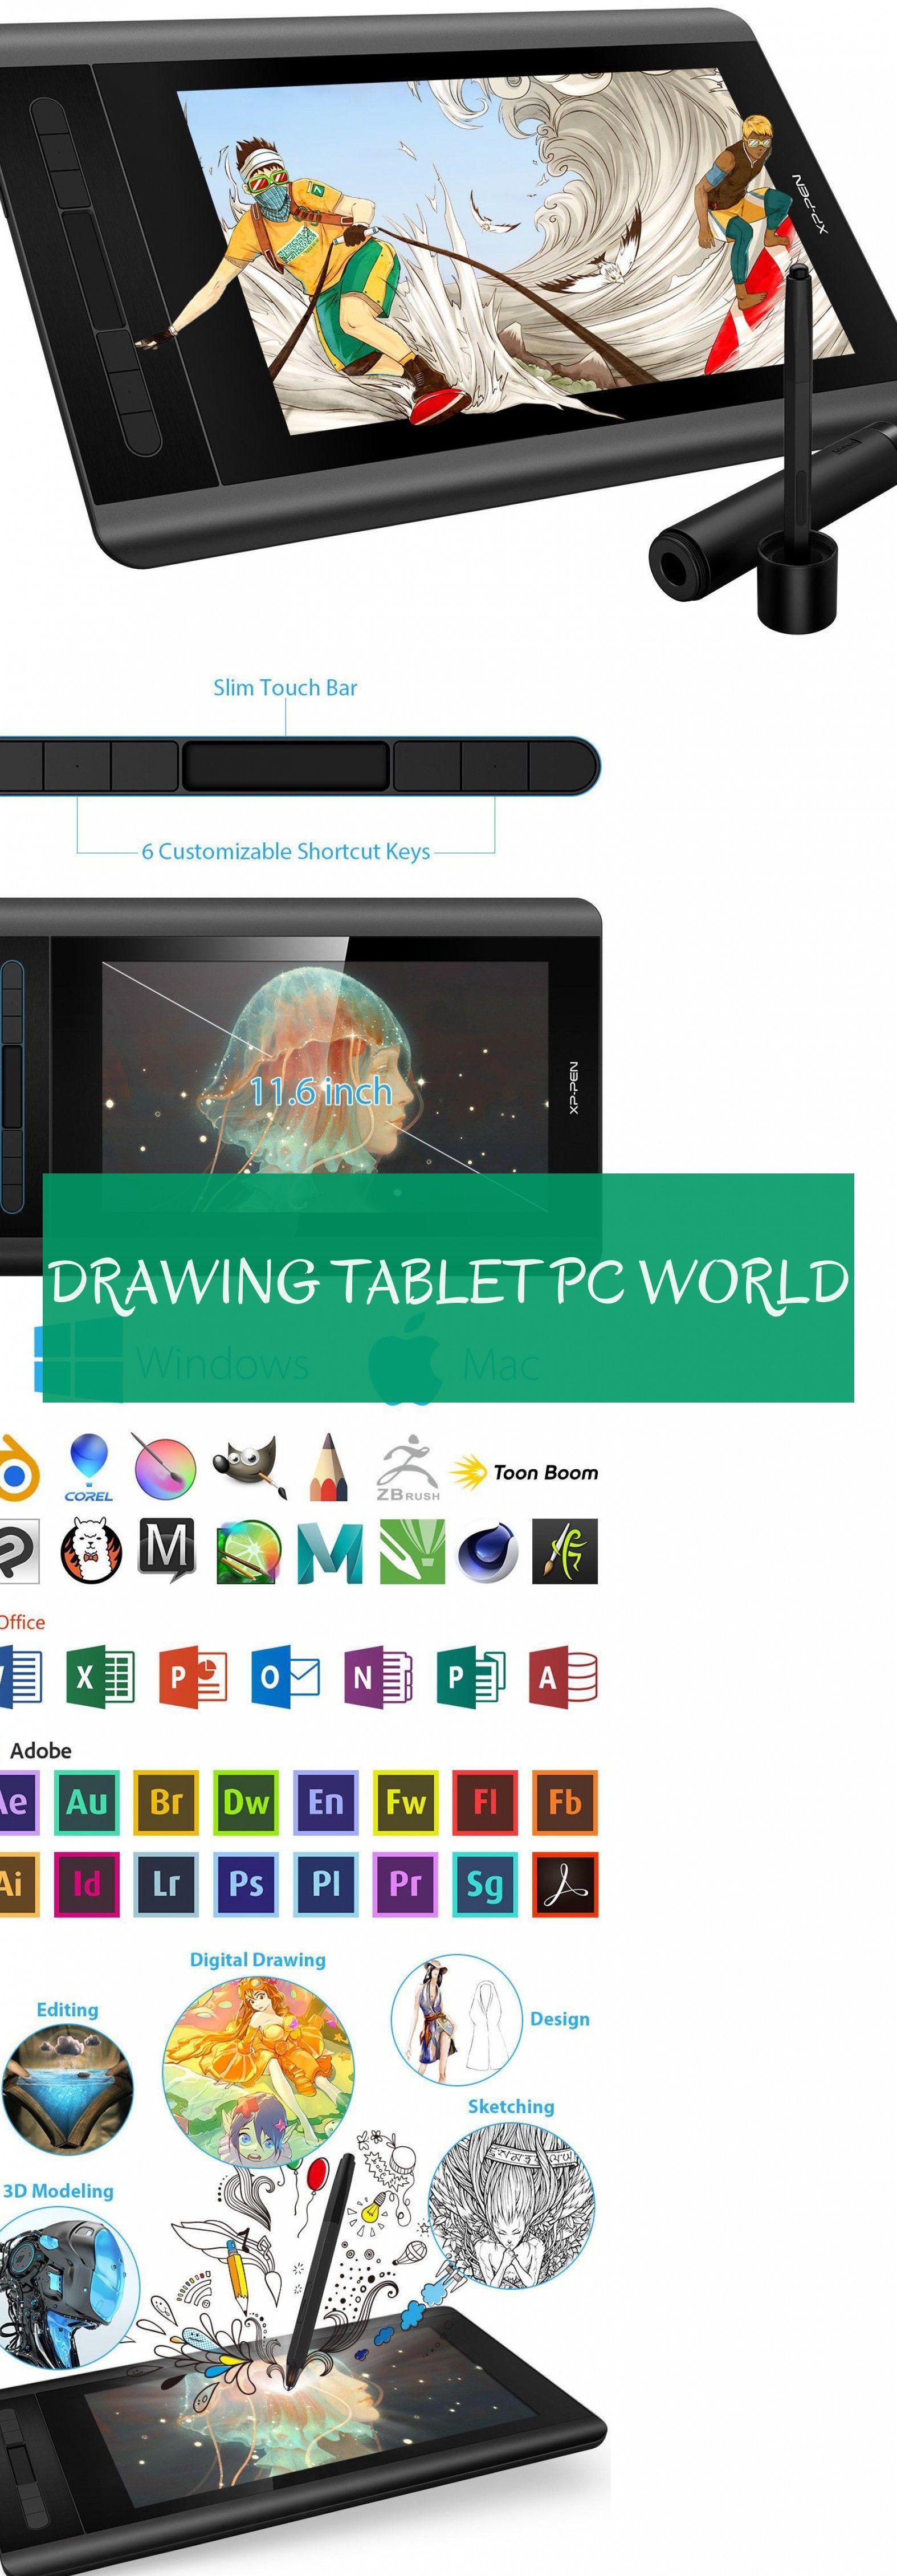 Drawing Tablet Pc World Zeichentablett Pc Welt Drawing Tablet Digital Drawing Tablet Art Tablet